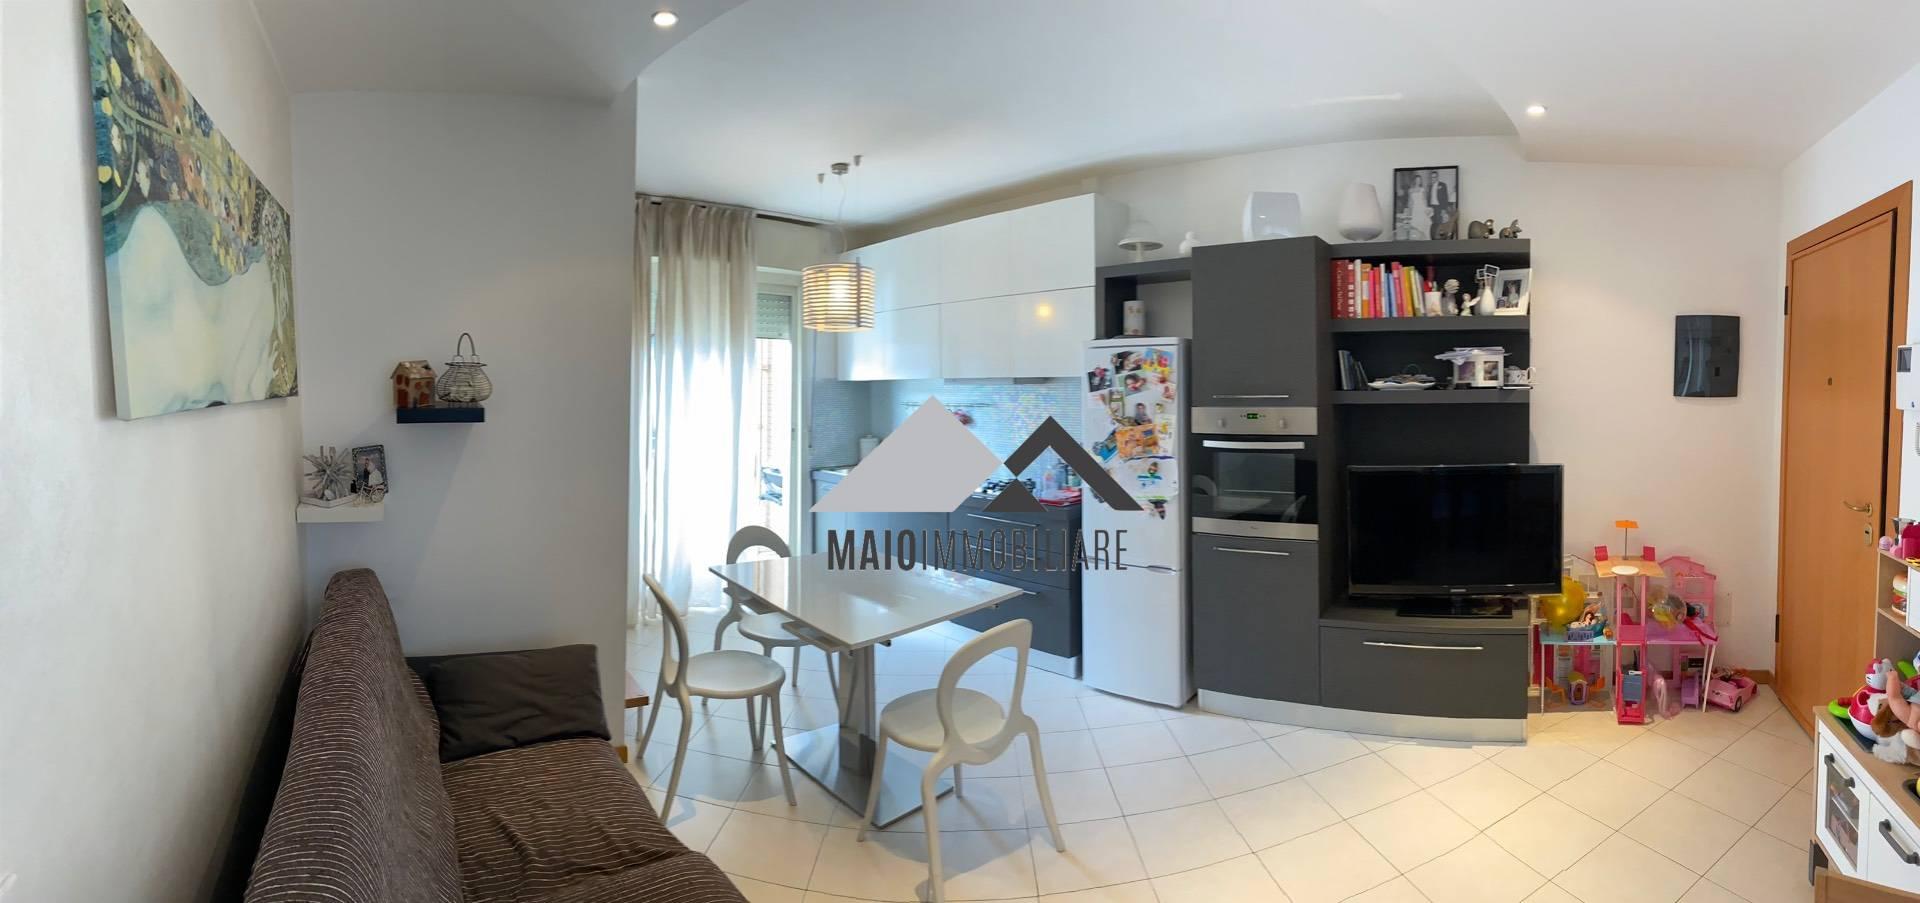 Appartamento in vendita a Misano Adriatico, 4 locali, zona Località: MisanoMonte, prezzo € 200.000 | PortaleAgenzieImmobiliari.it